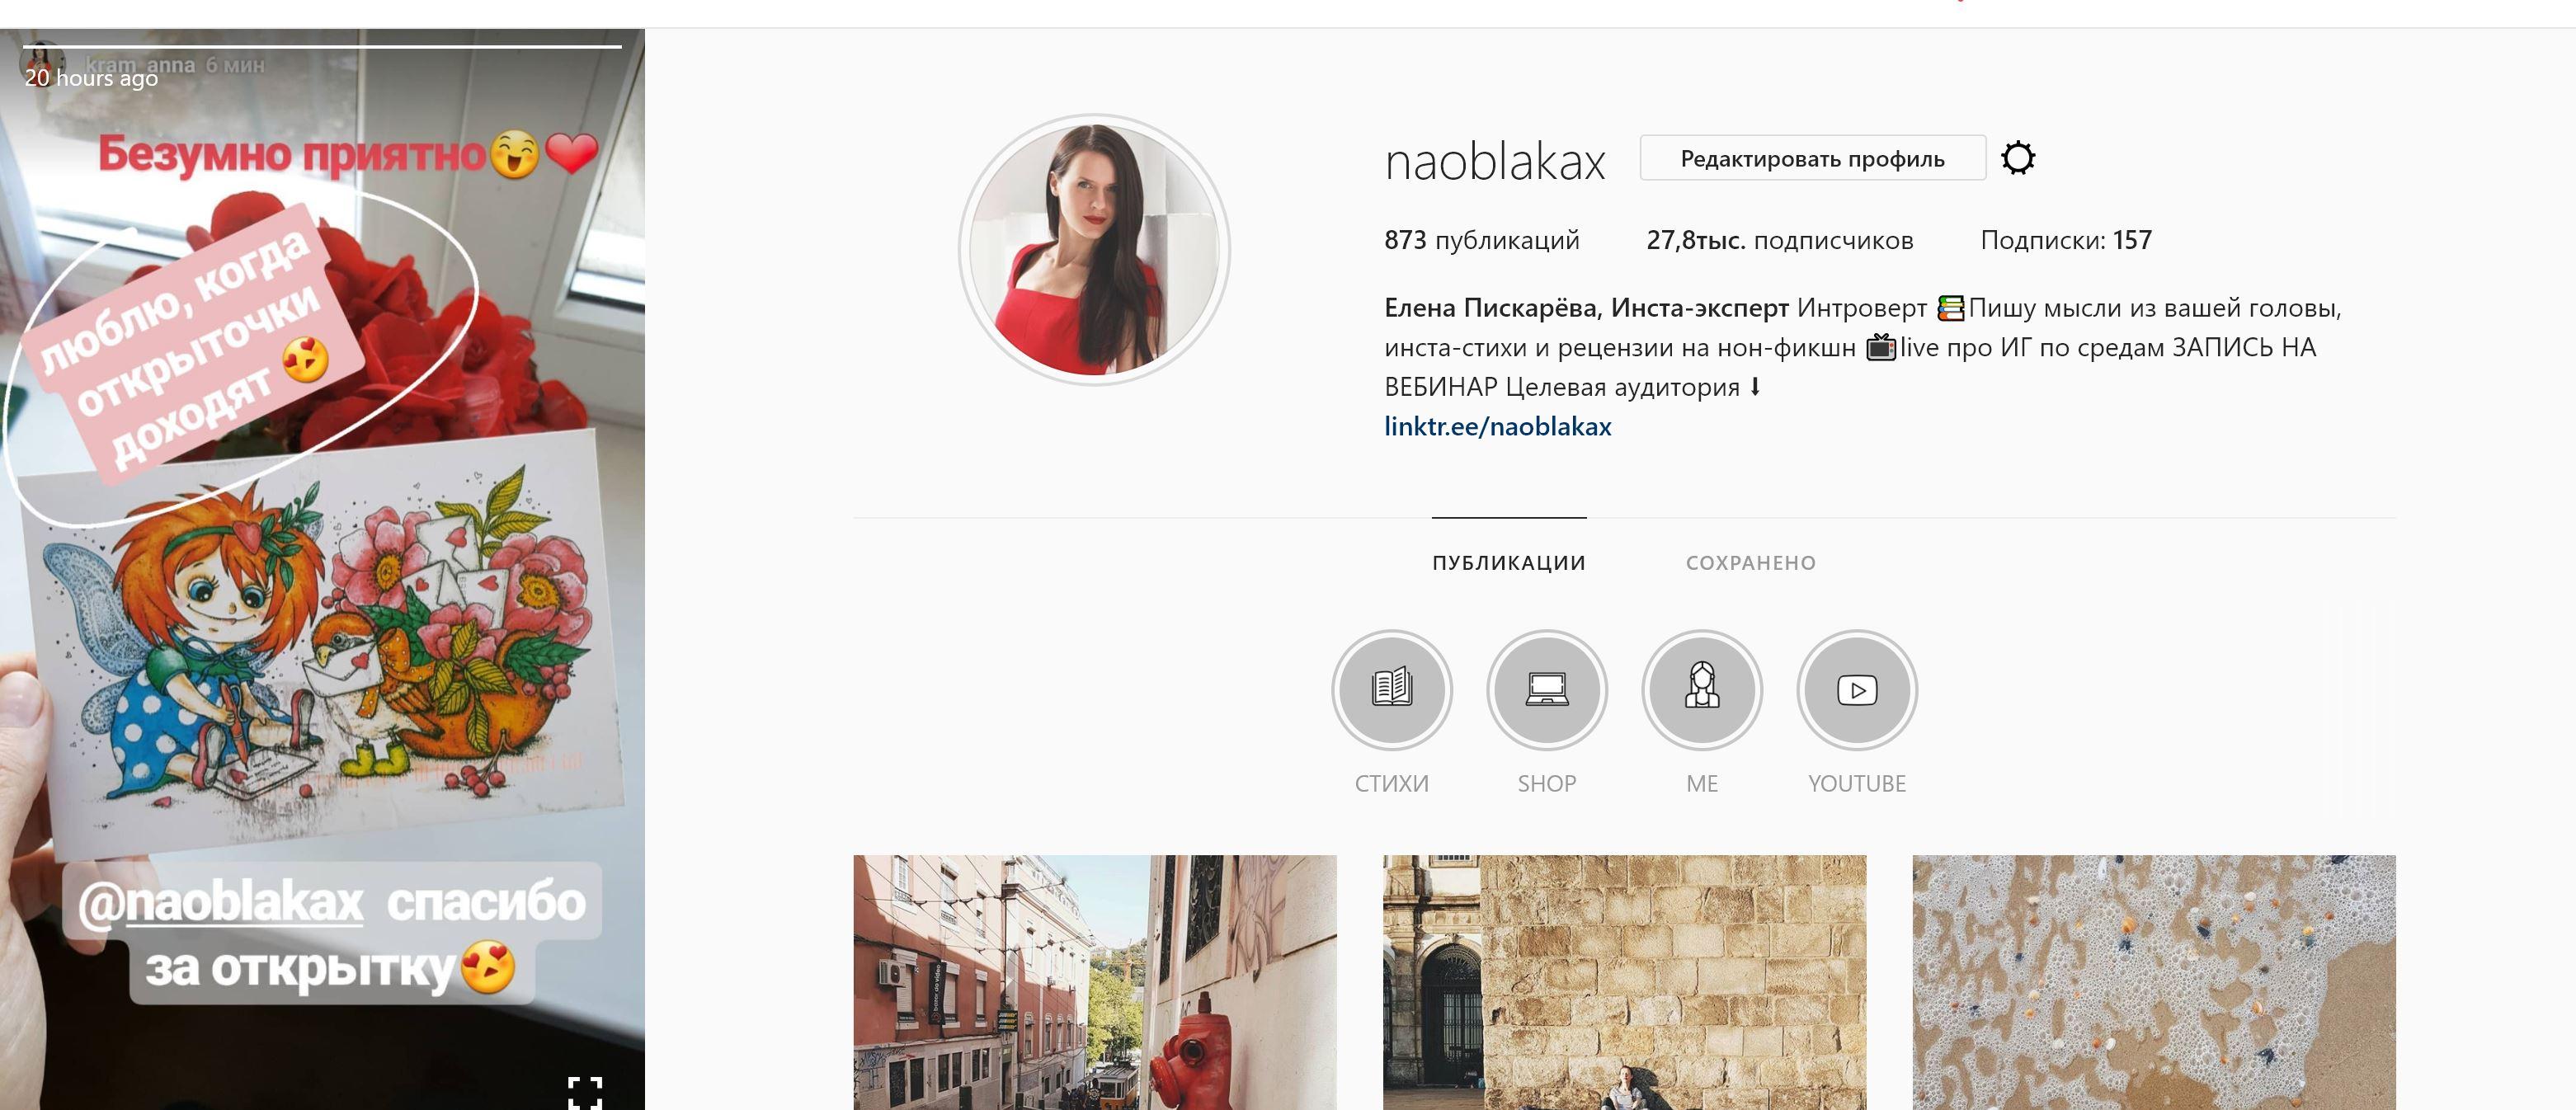 скачать инстаграм сторис с компьютера | naoblakax.ru